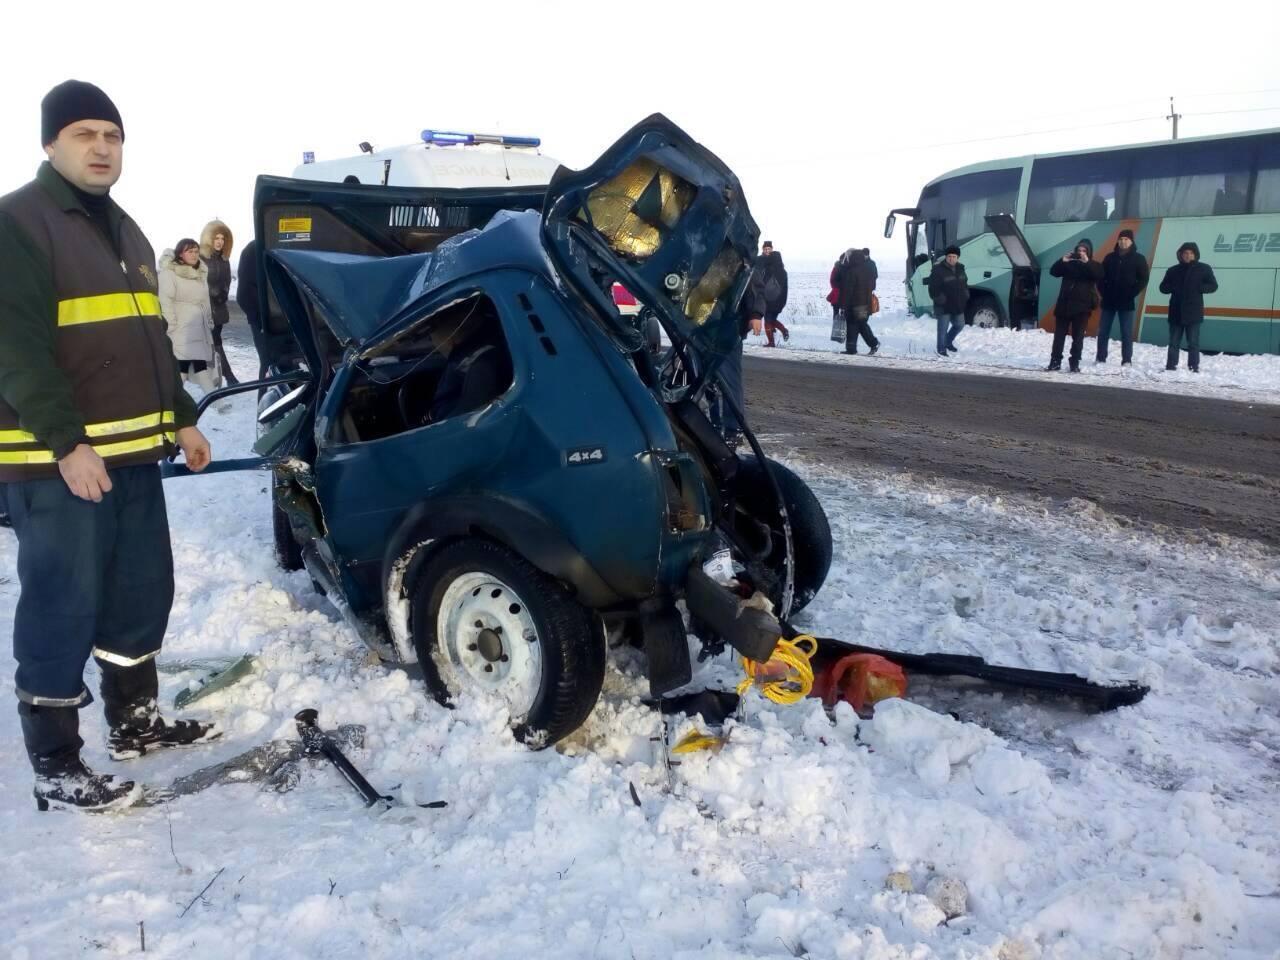 2 трупа и горящее авто: запорожские спасатели рассказали подробности ДТП с автобусом (ФОТО)